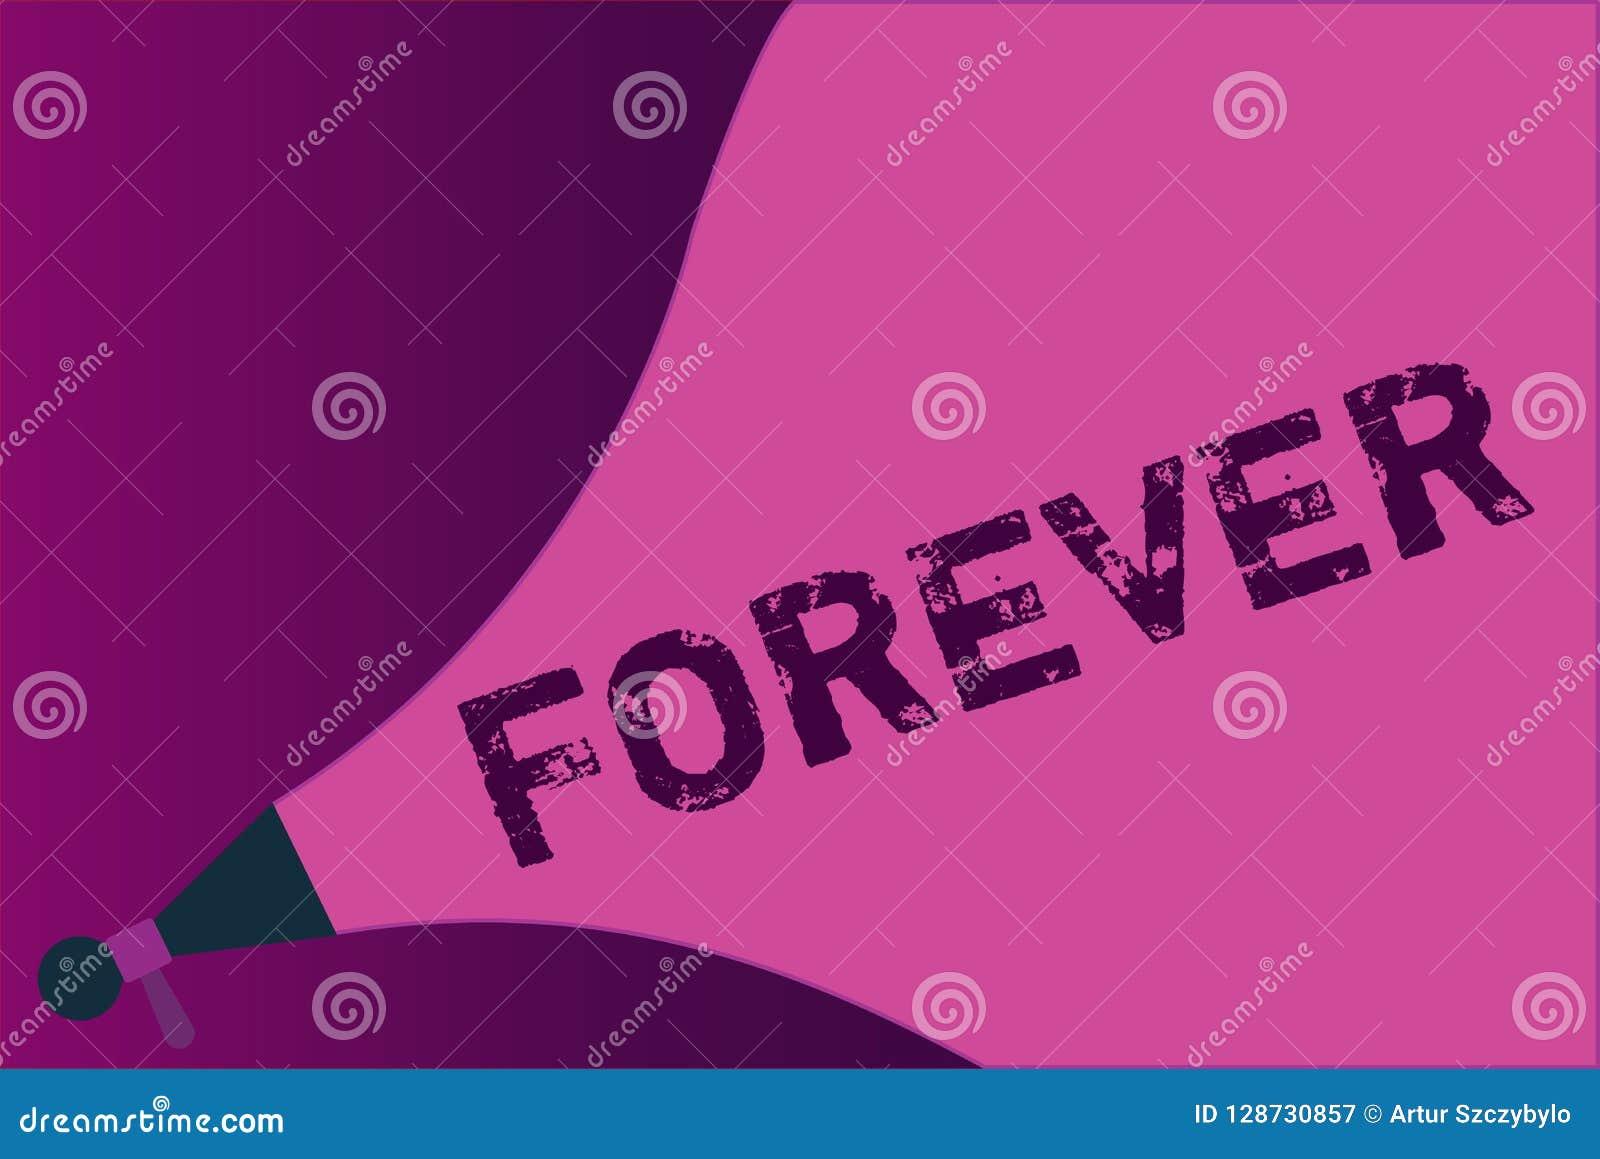 Escritura conceptual de la mano que muestra para siempre Foto del negocio que muestra Peranalysisent eterno siempre por el tiempo